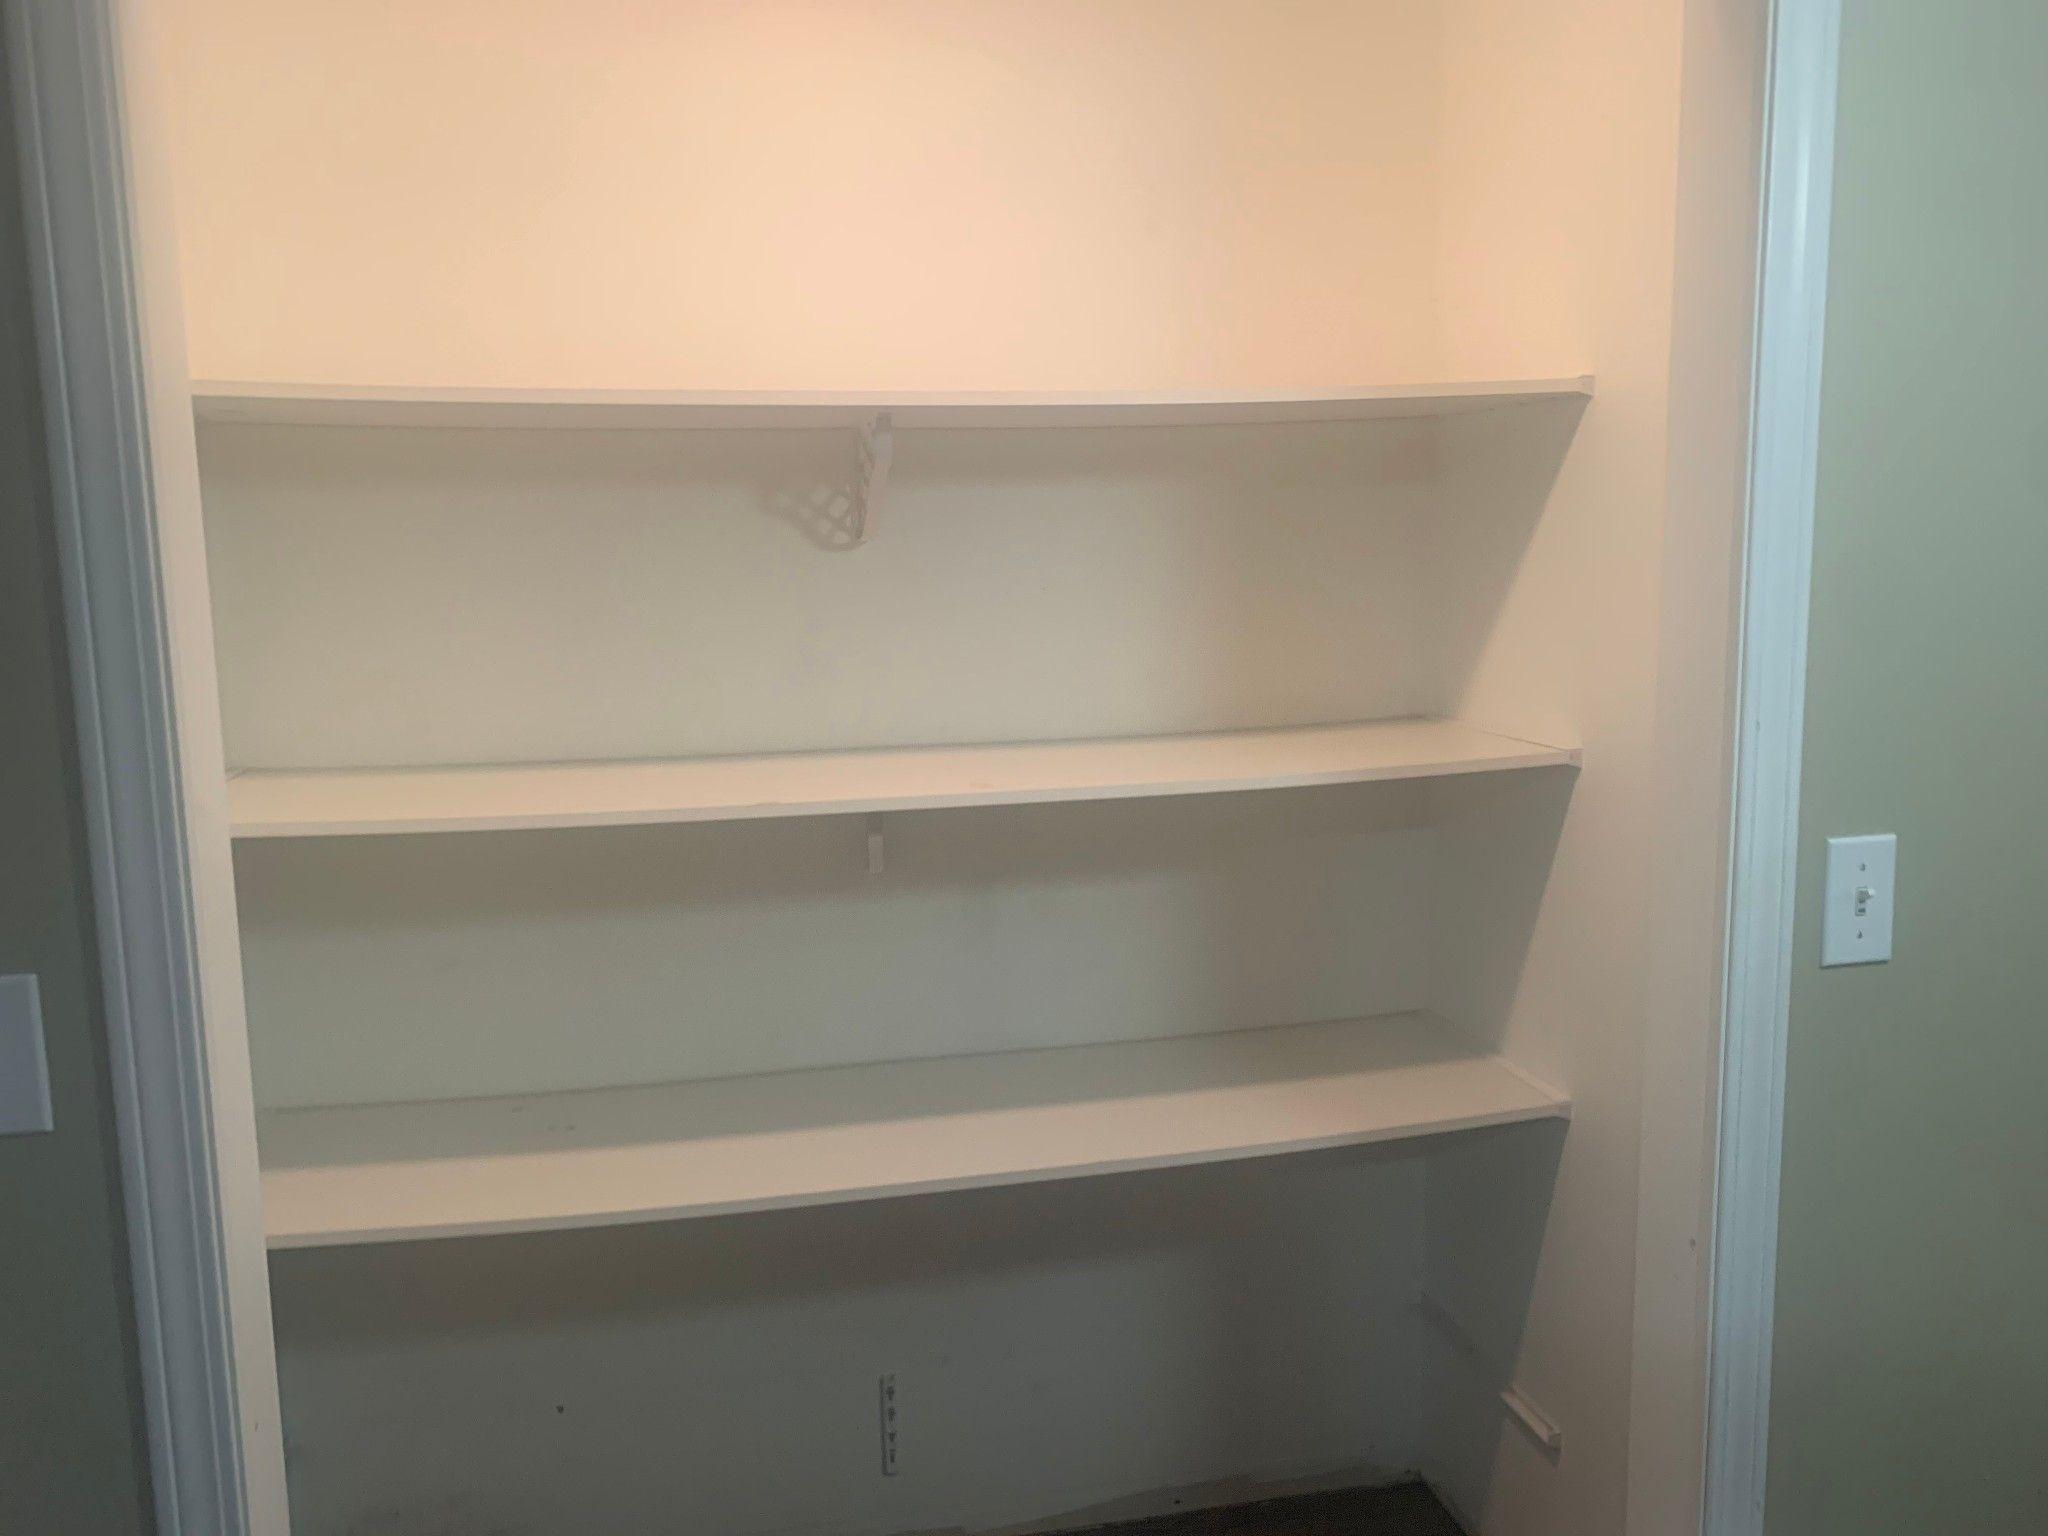 Photo 12: Photos: BSMT 1686 McKenzie Rd. in Abbotsford: Poplar Condo for rent